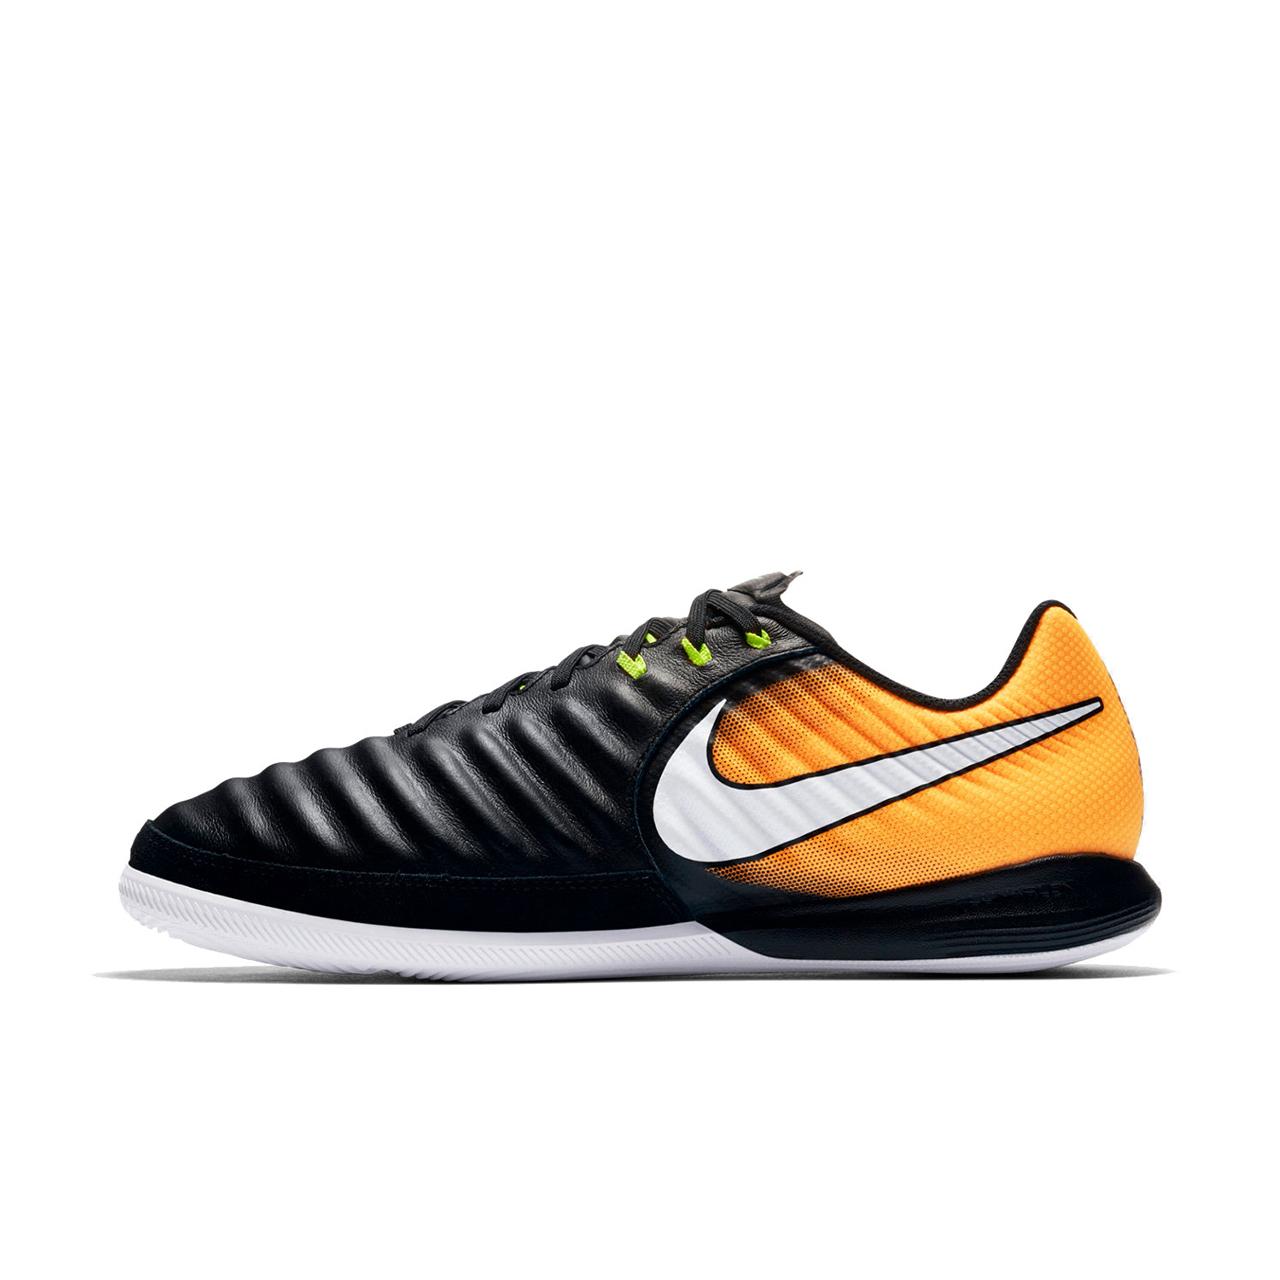 کفش فوتسال مردانه نایکی مدل TiempoX Finale کد 008-897761